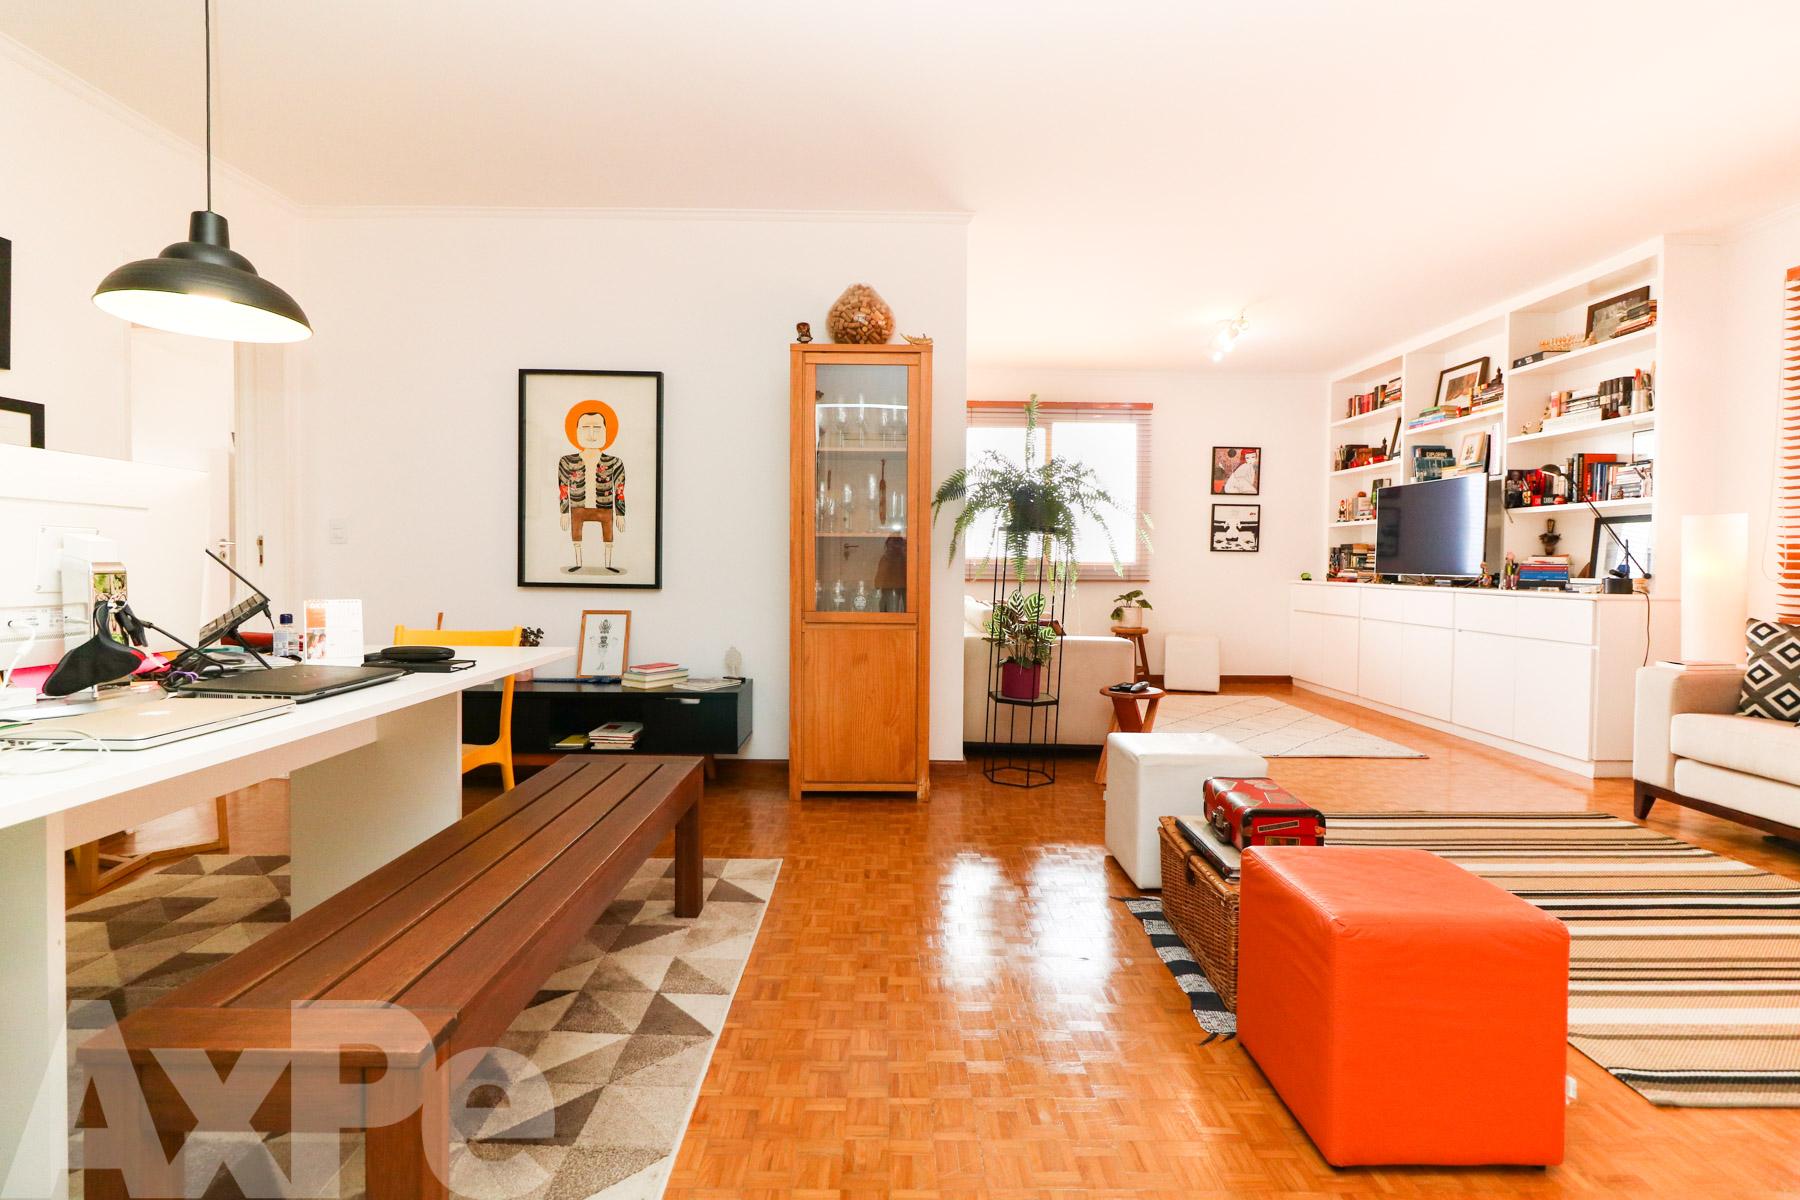 Axpe Apartamento - AX9012